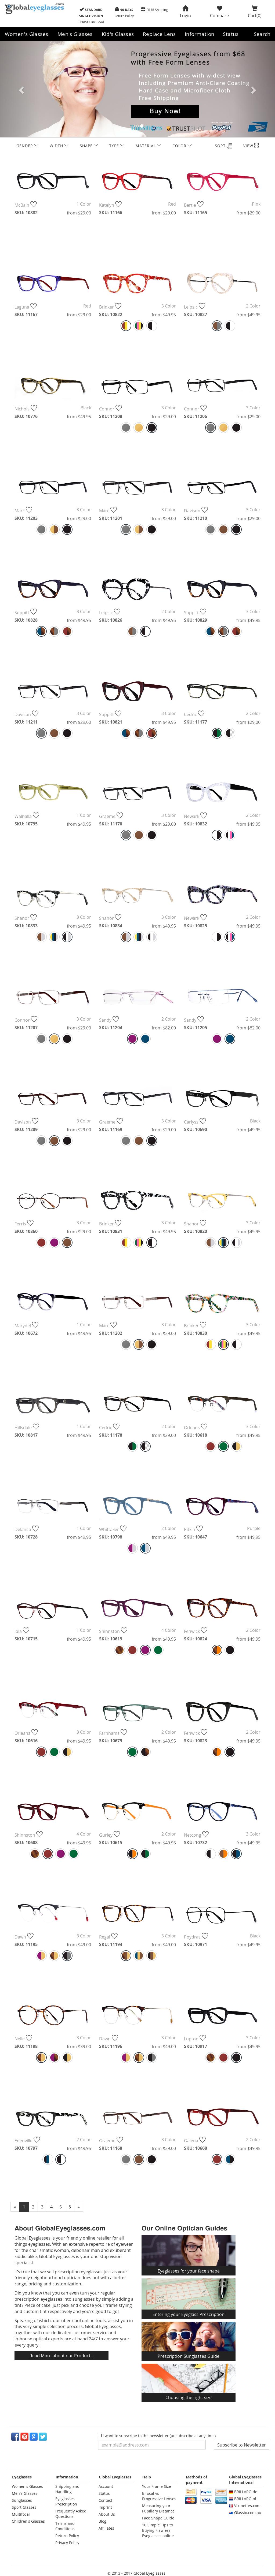 a172b7c6f94f Global Eyeglasses Competitors